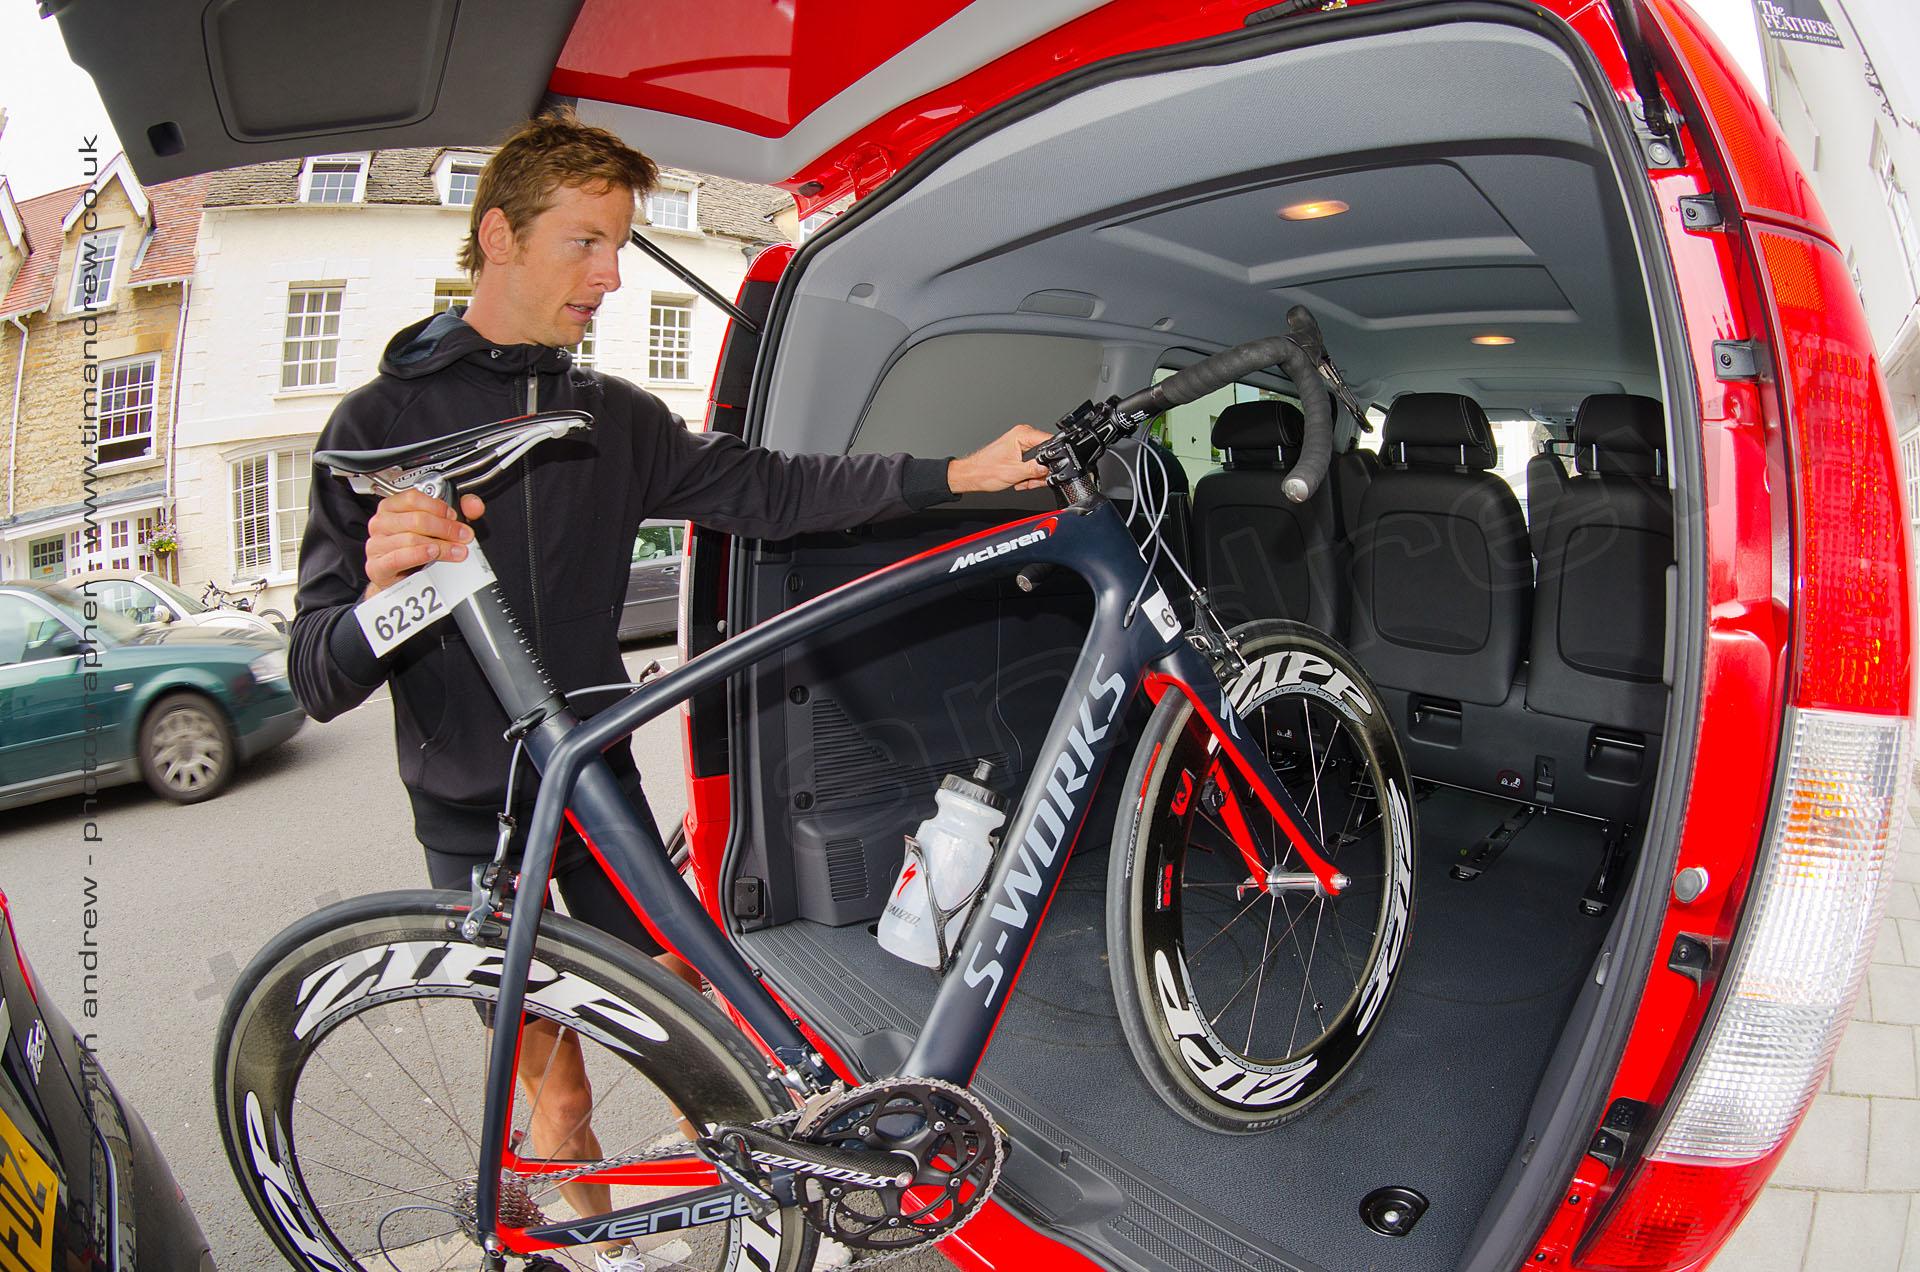 Jenson Button with McLaren S-Works triathlon bike